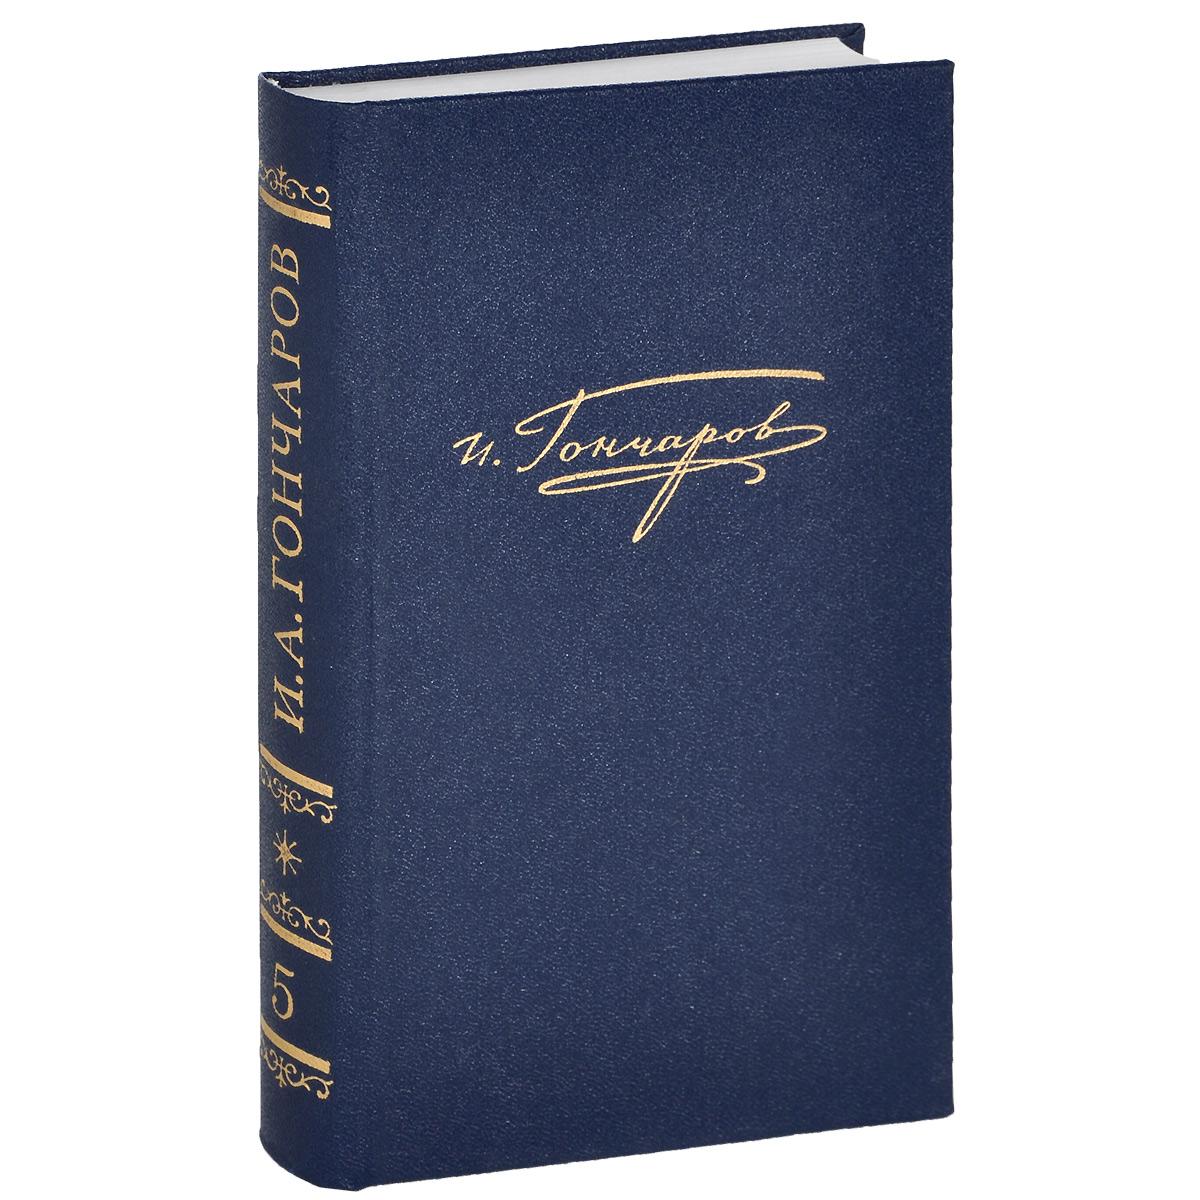 И. А. Гончаров. Полное собрание сочинений и писем. В 20 томах. Том 5. Обломов